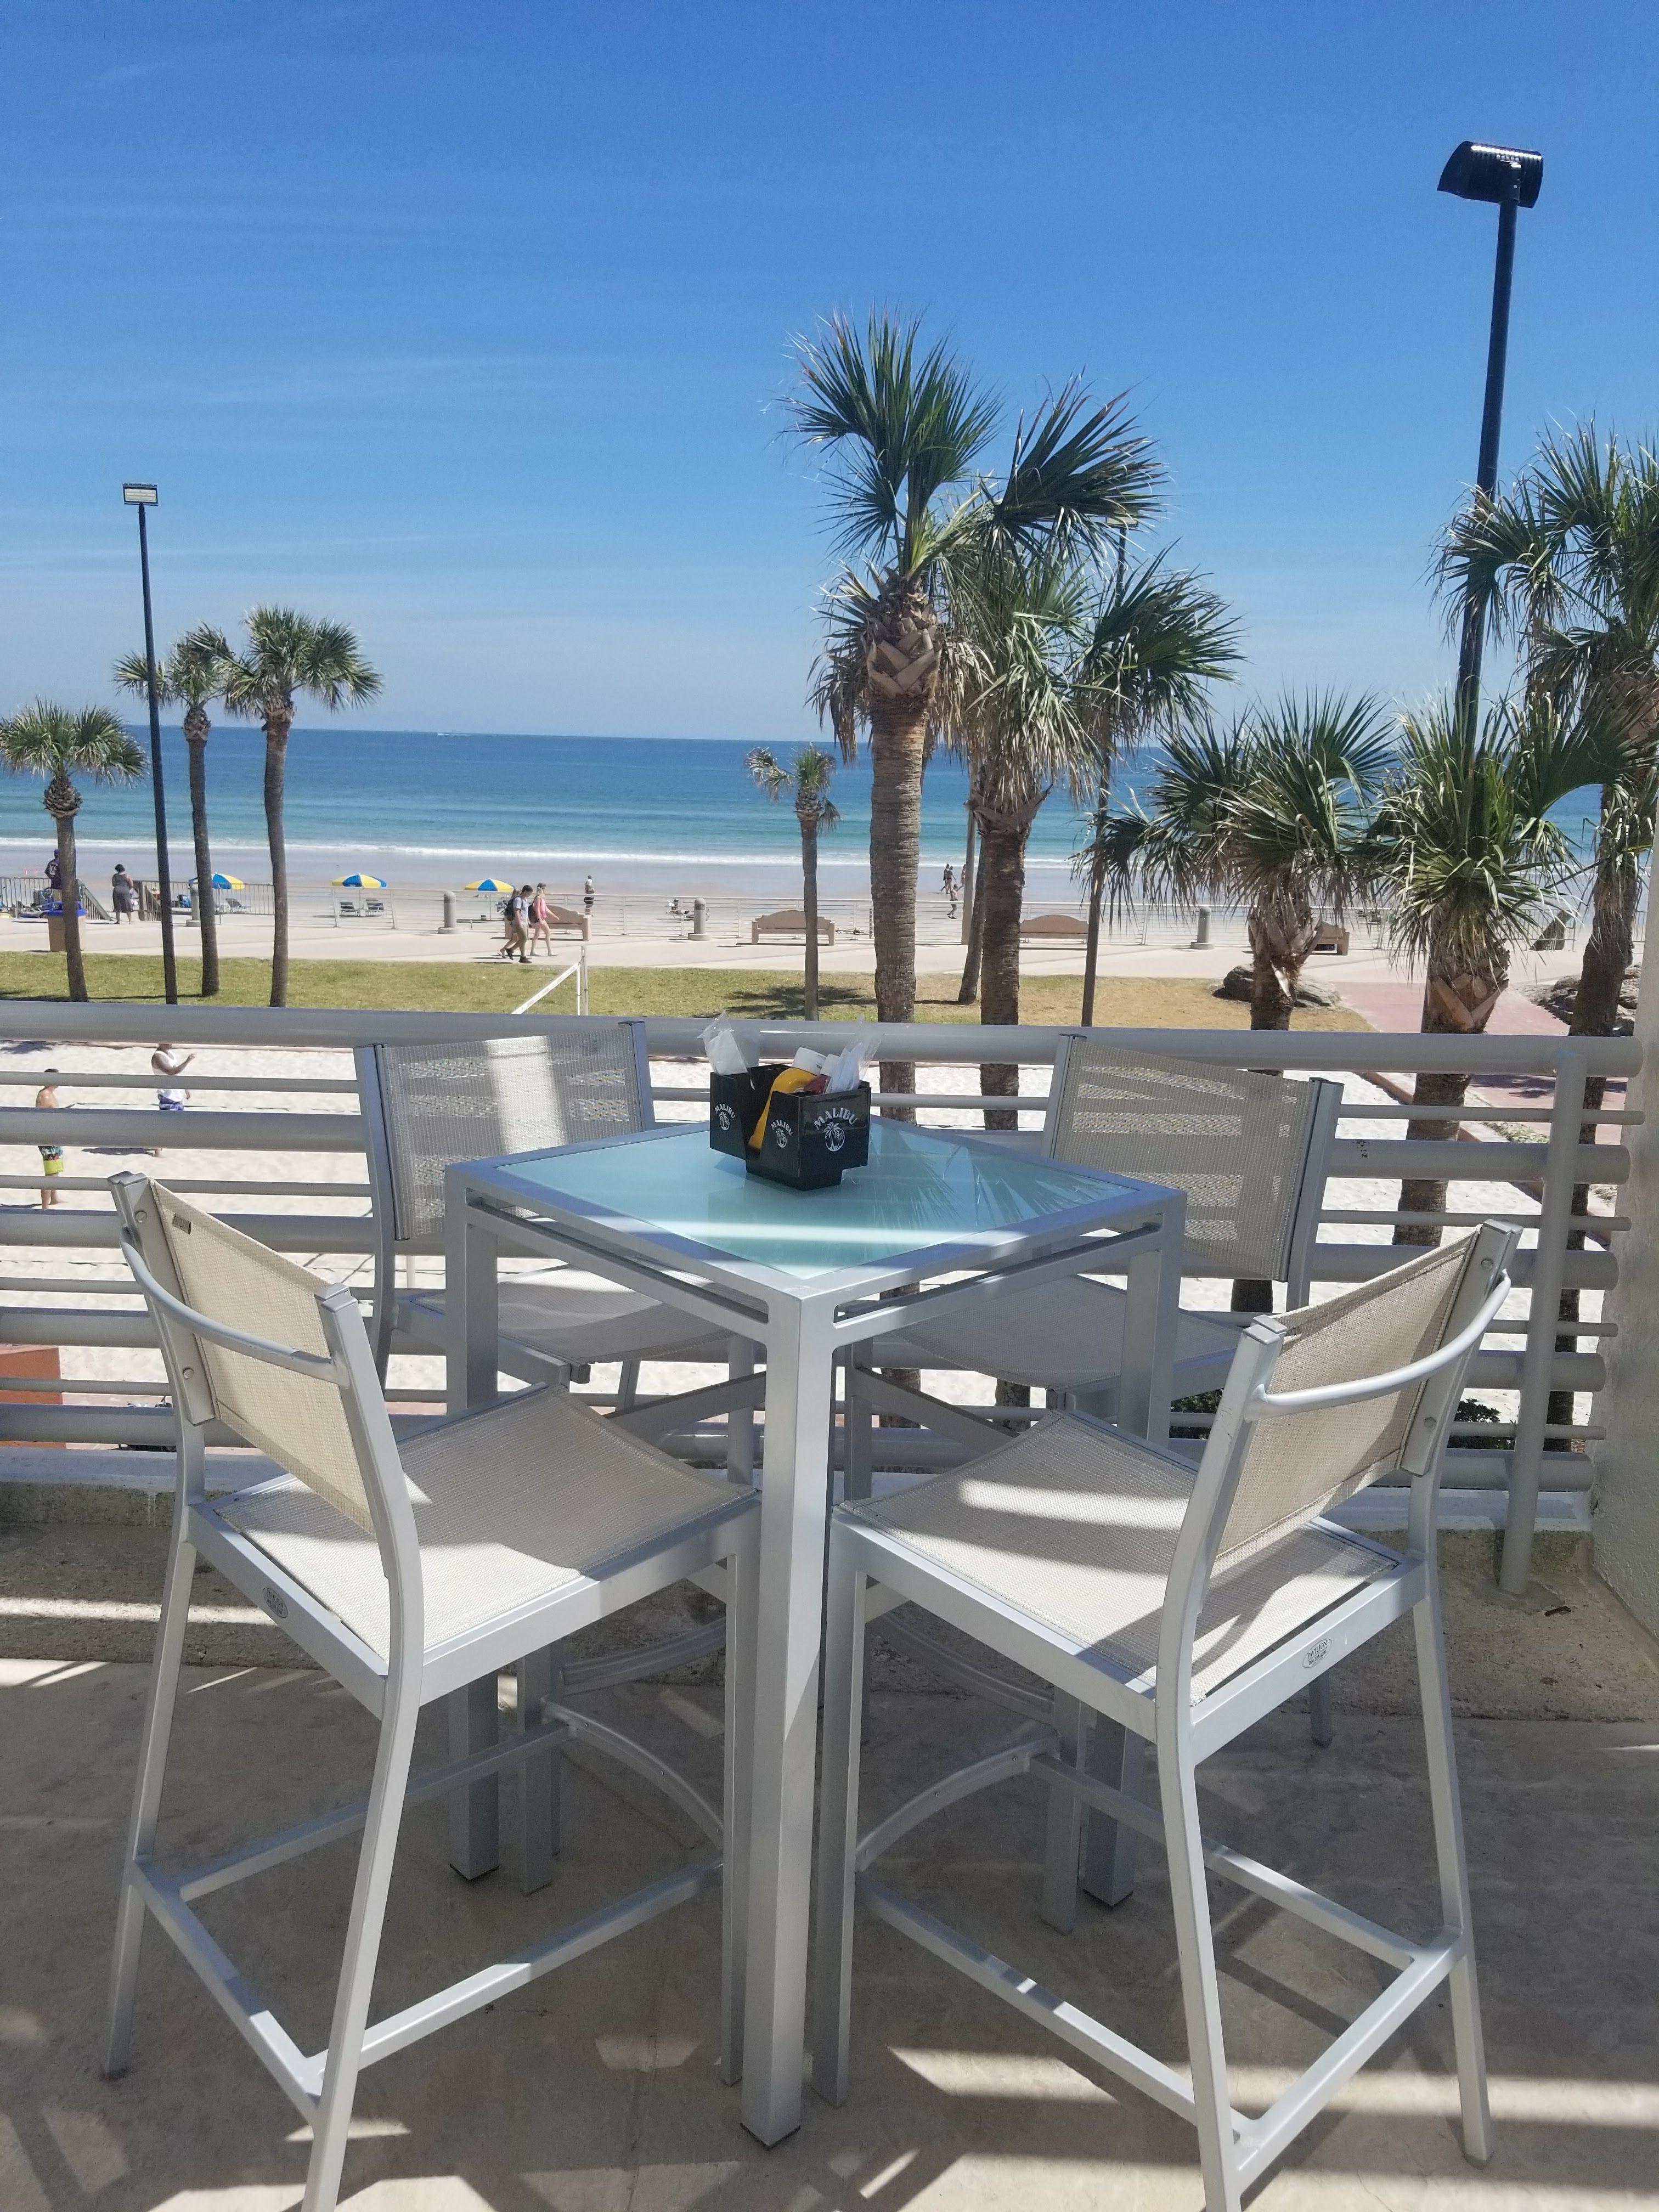 Daytona Beach Oceanfront Resort in 2020 | Daytona beach ...